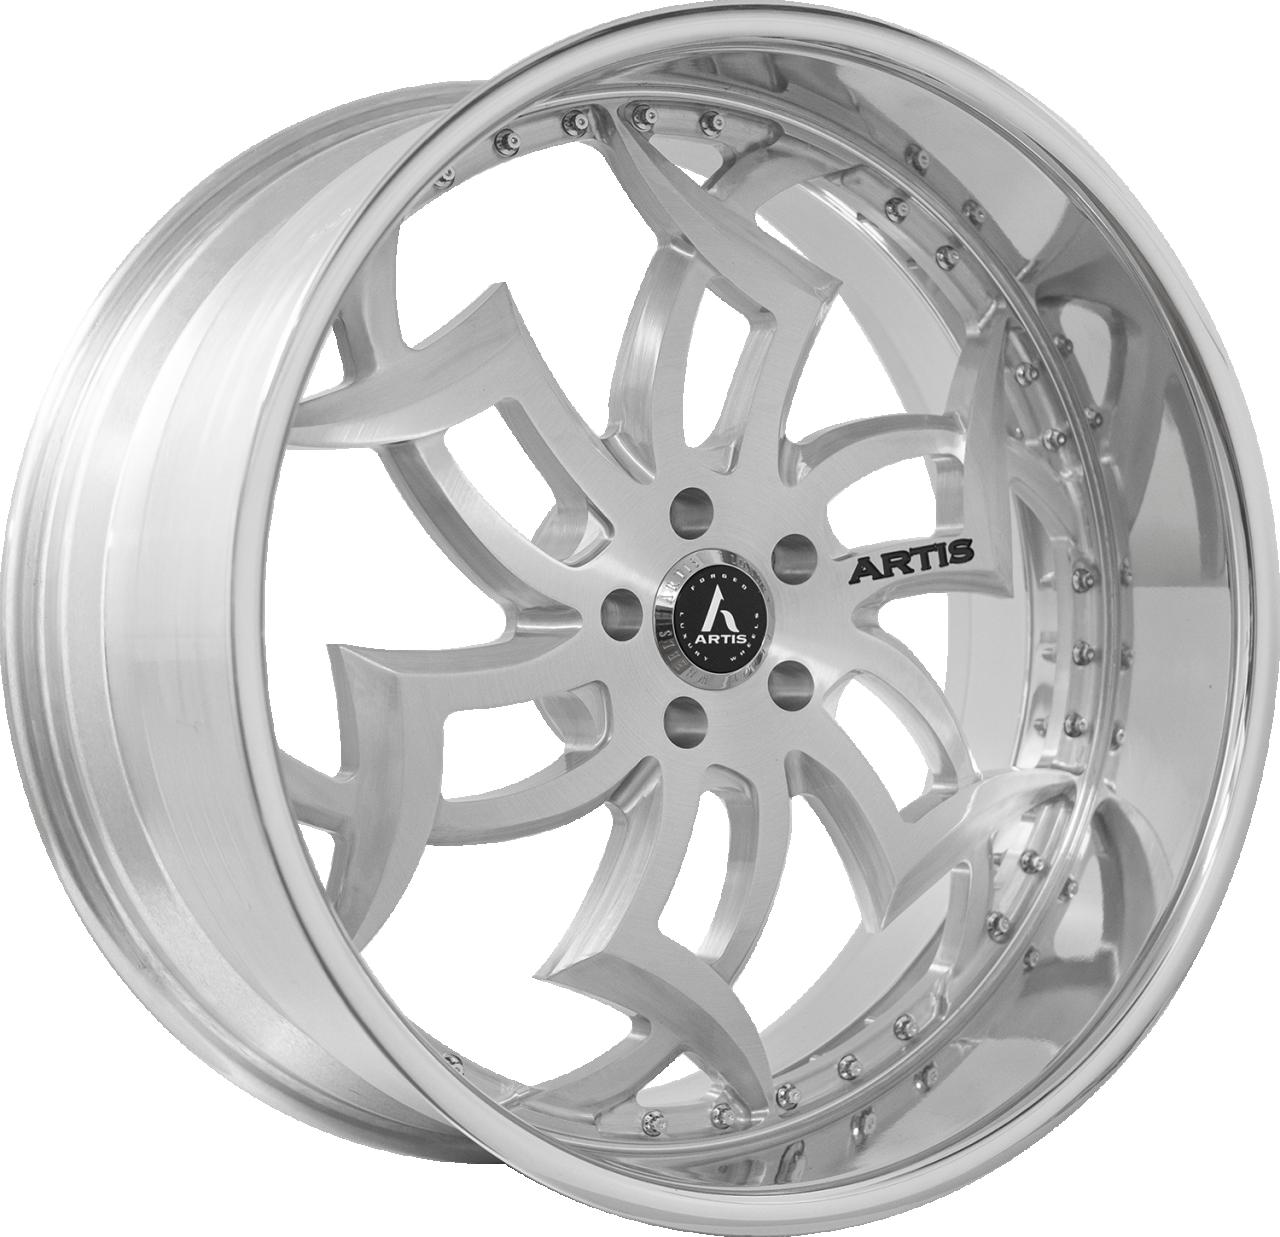 Artis Forged Medusa-M wheel with Brushed finish